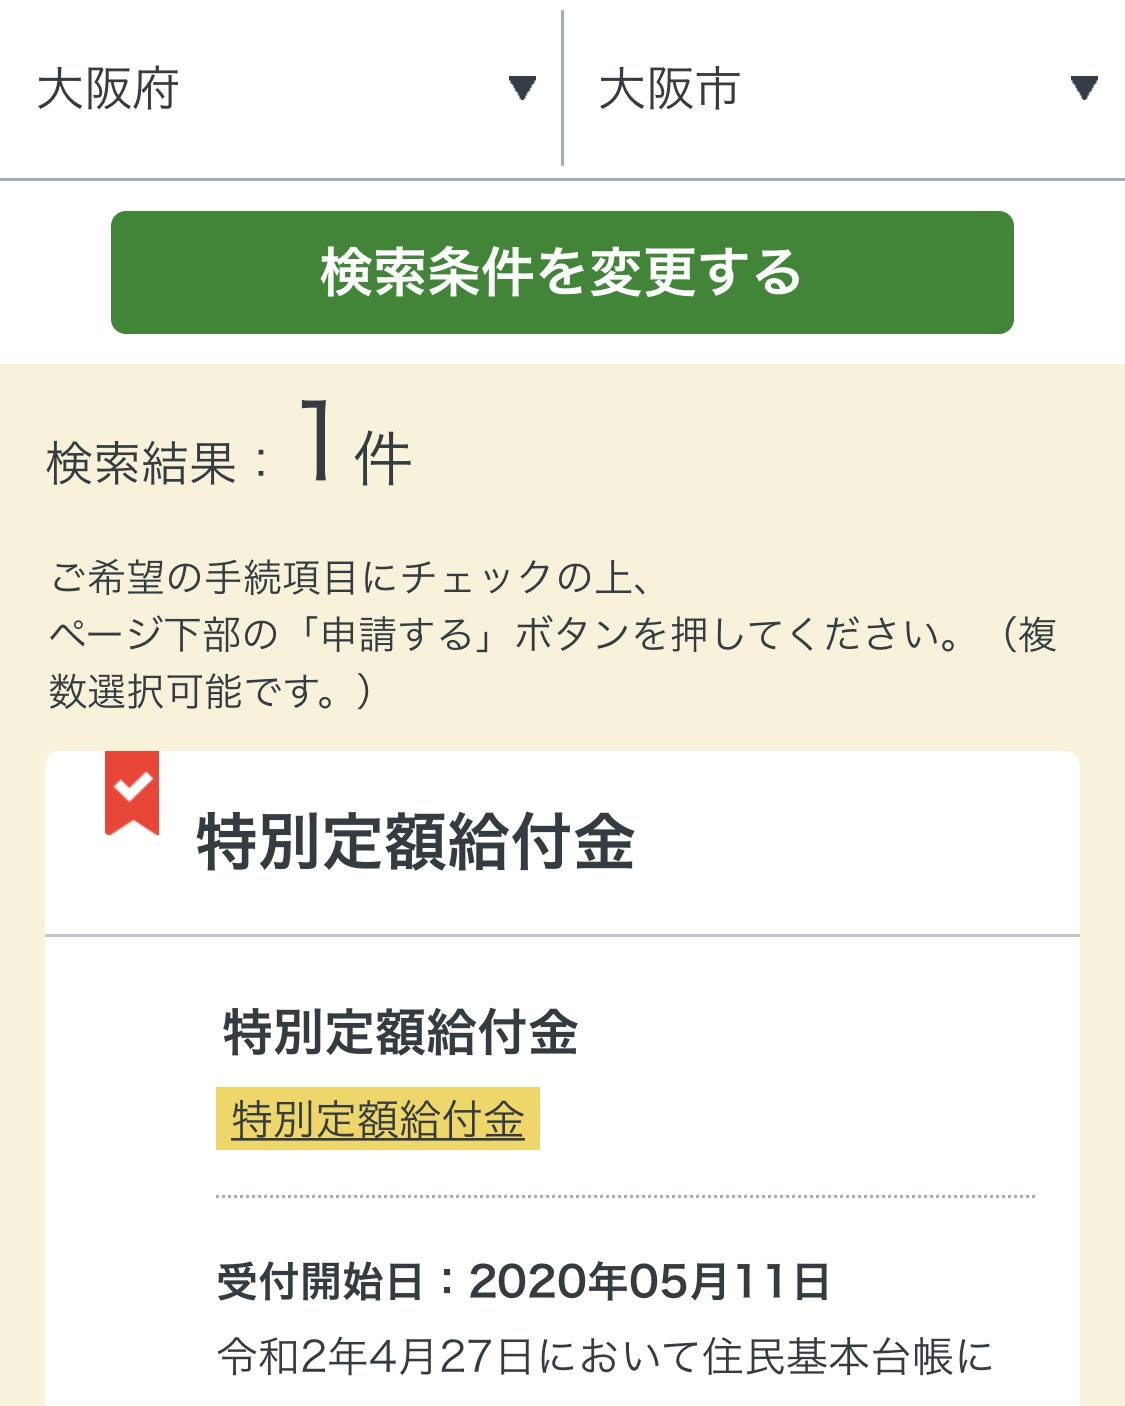 大阪市の特別定額給付金のマイナンバーカードでの電子申請と申請書類の郵送開始時期のお知らせ